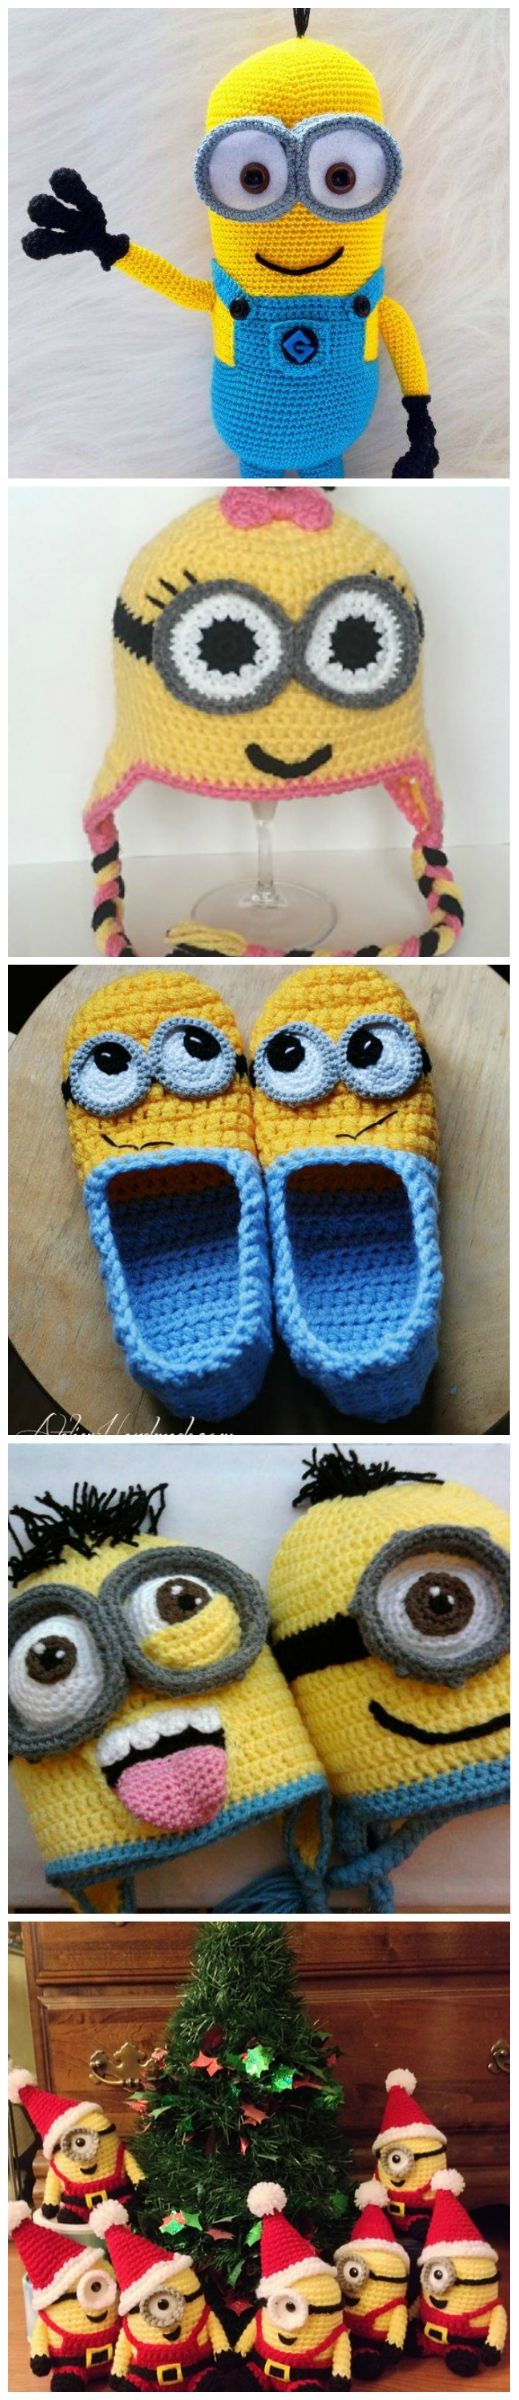 Minion Crochet Patterns | Crocheting III | Pinterest | Häkeln, Mütze ...